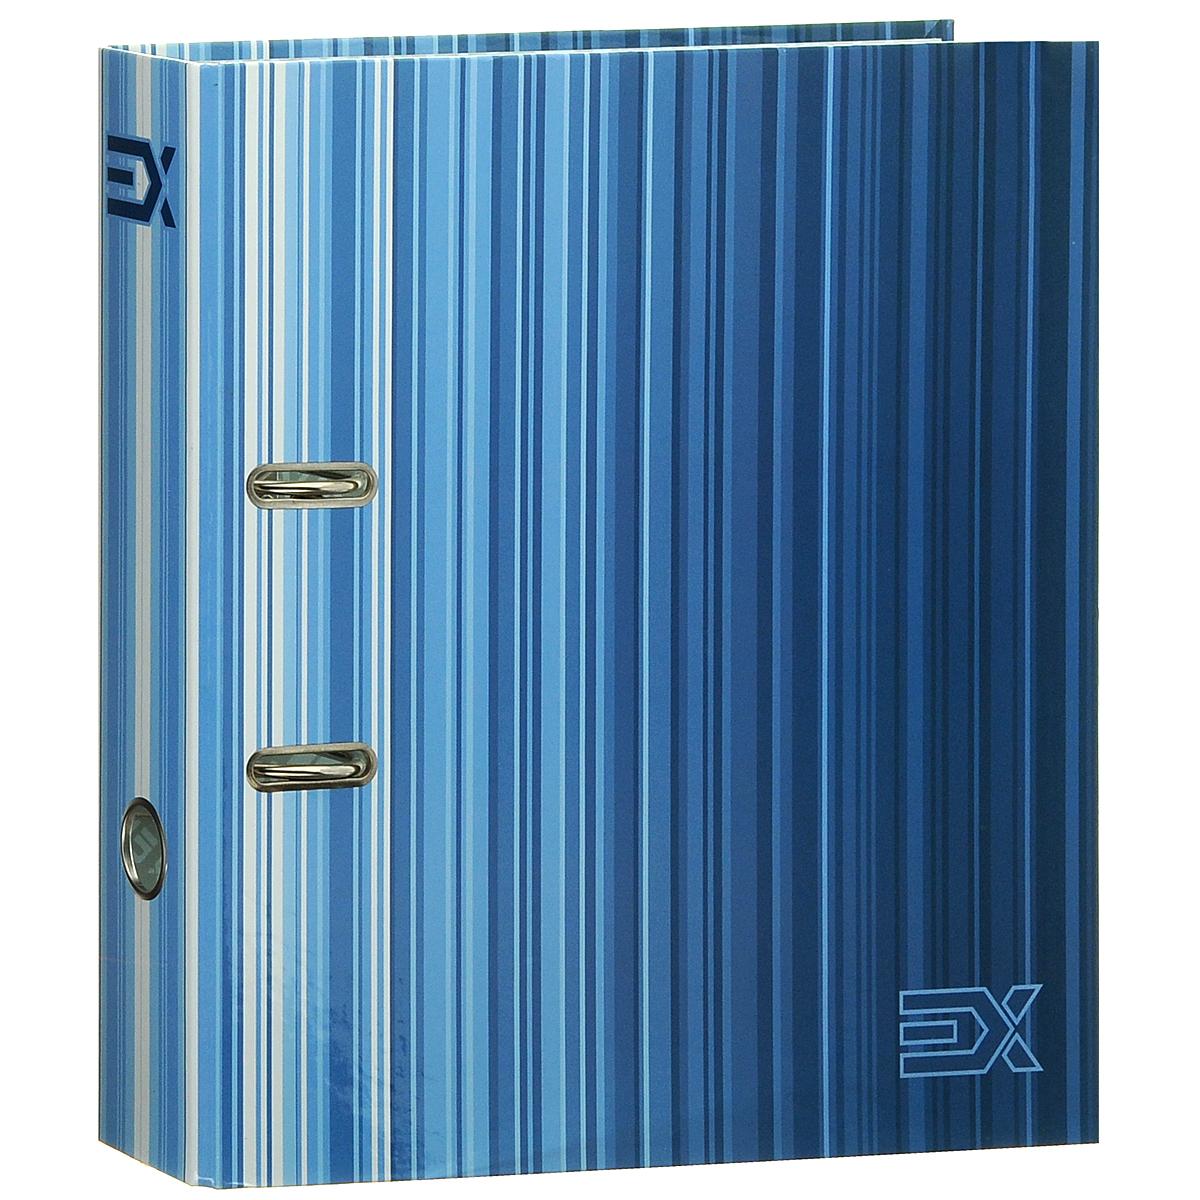 Index Папка-регистратор Extra цвет синий белыйC13S041944Папка-регистратор Index Extra незаменима для работы с большими объемами бумаг дома и в офисе.Папка изготовлена из износостойкого высококачественного картона толщиной 2 мм, имеет ламинацию как снаружи, так и внутри. Папка оснащена прочным металлическим арочным механизмом, обеспечивающим надежную фиксацию перфорированных бумаг и документов формата А4. На торце папки расположено металлическое кольцо для удобства использования. Обложка папки оформлена полосками различных оттенков.Папка-регистратор станет вашим надежным помощником, она упростит работу с бумагами и документами и защитит их от повреждения, пыли и влаги.